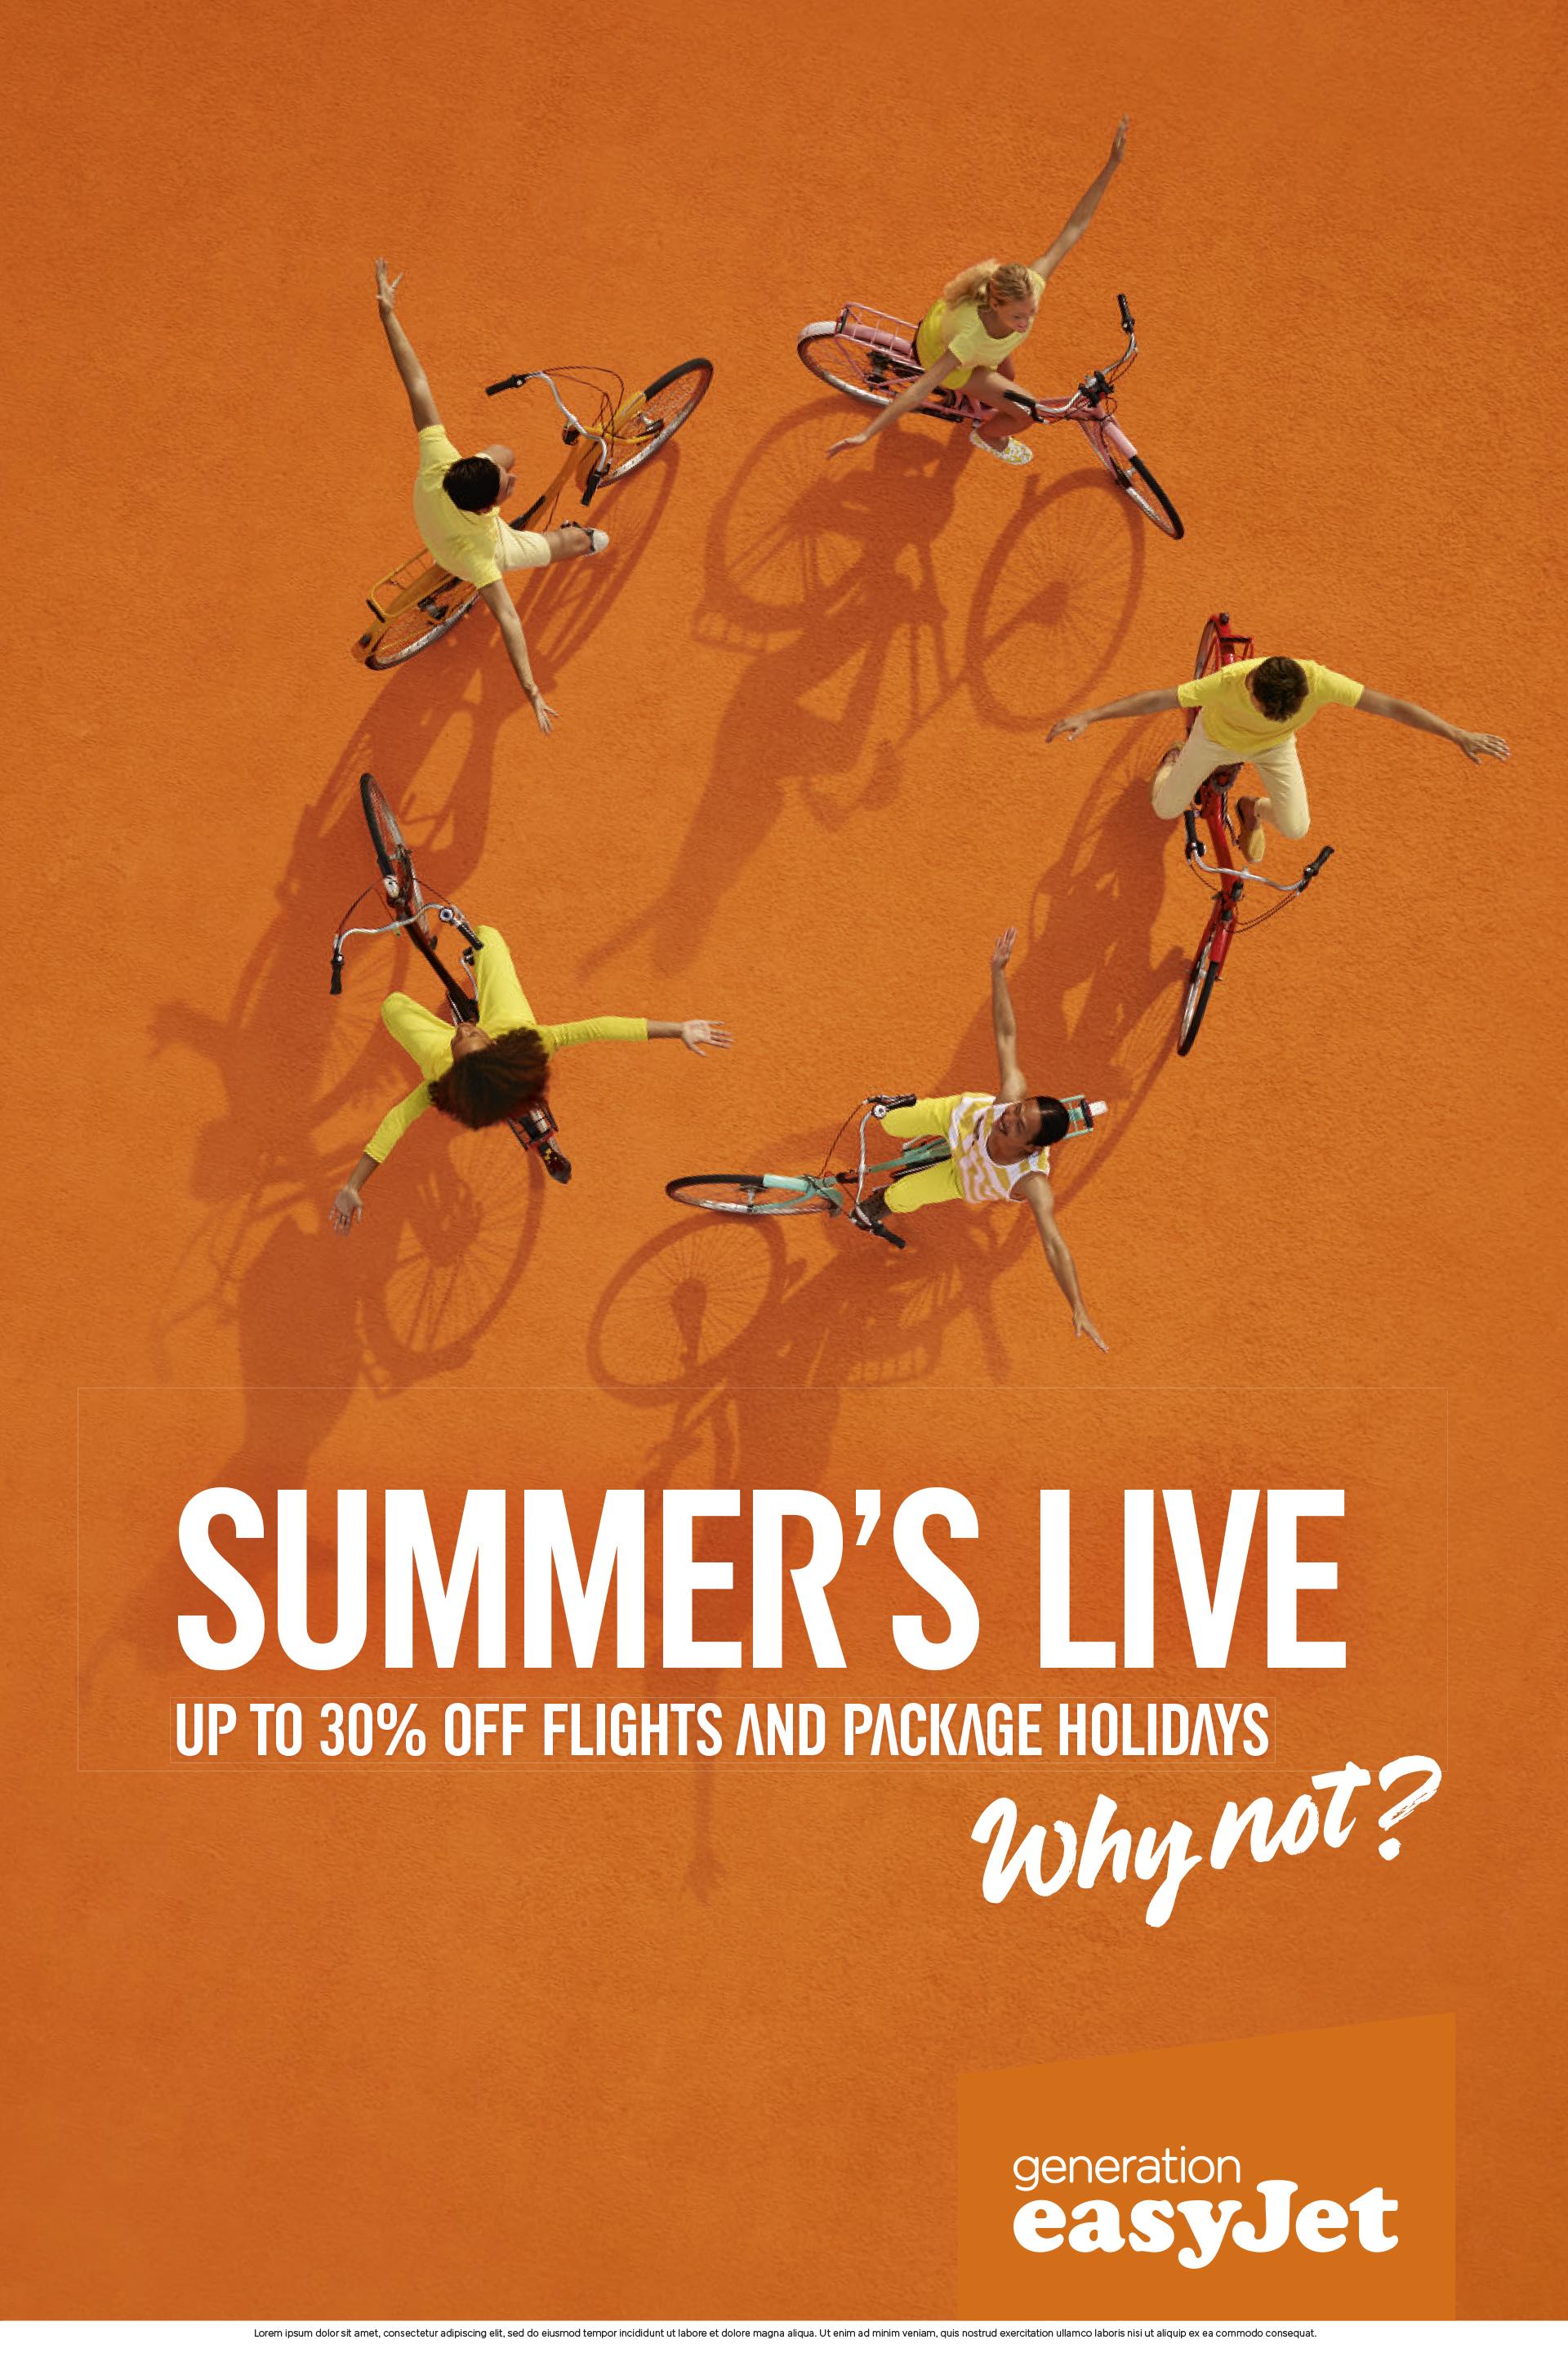 19226 easyJet 6S Bikes Summer's Live-2.jpg